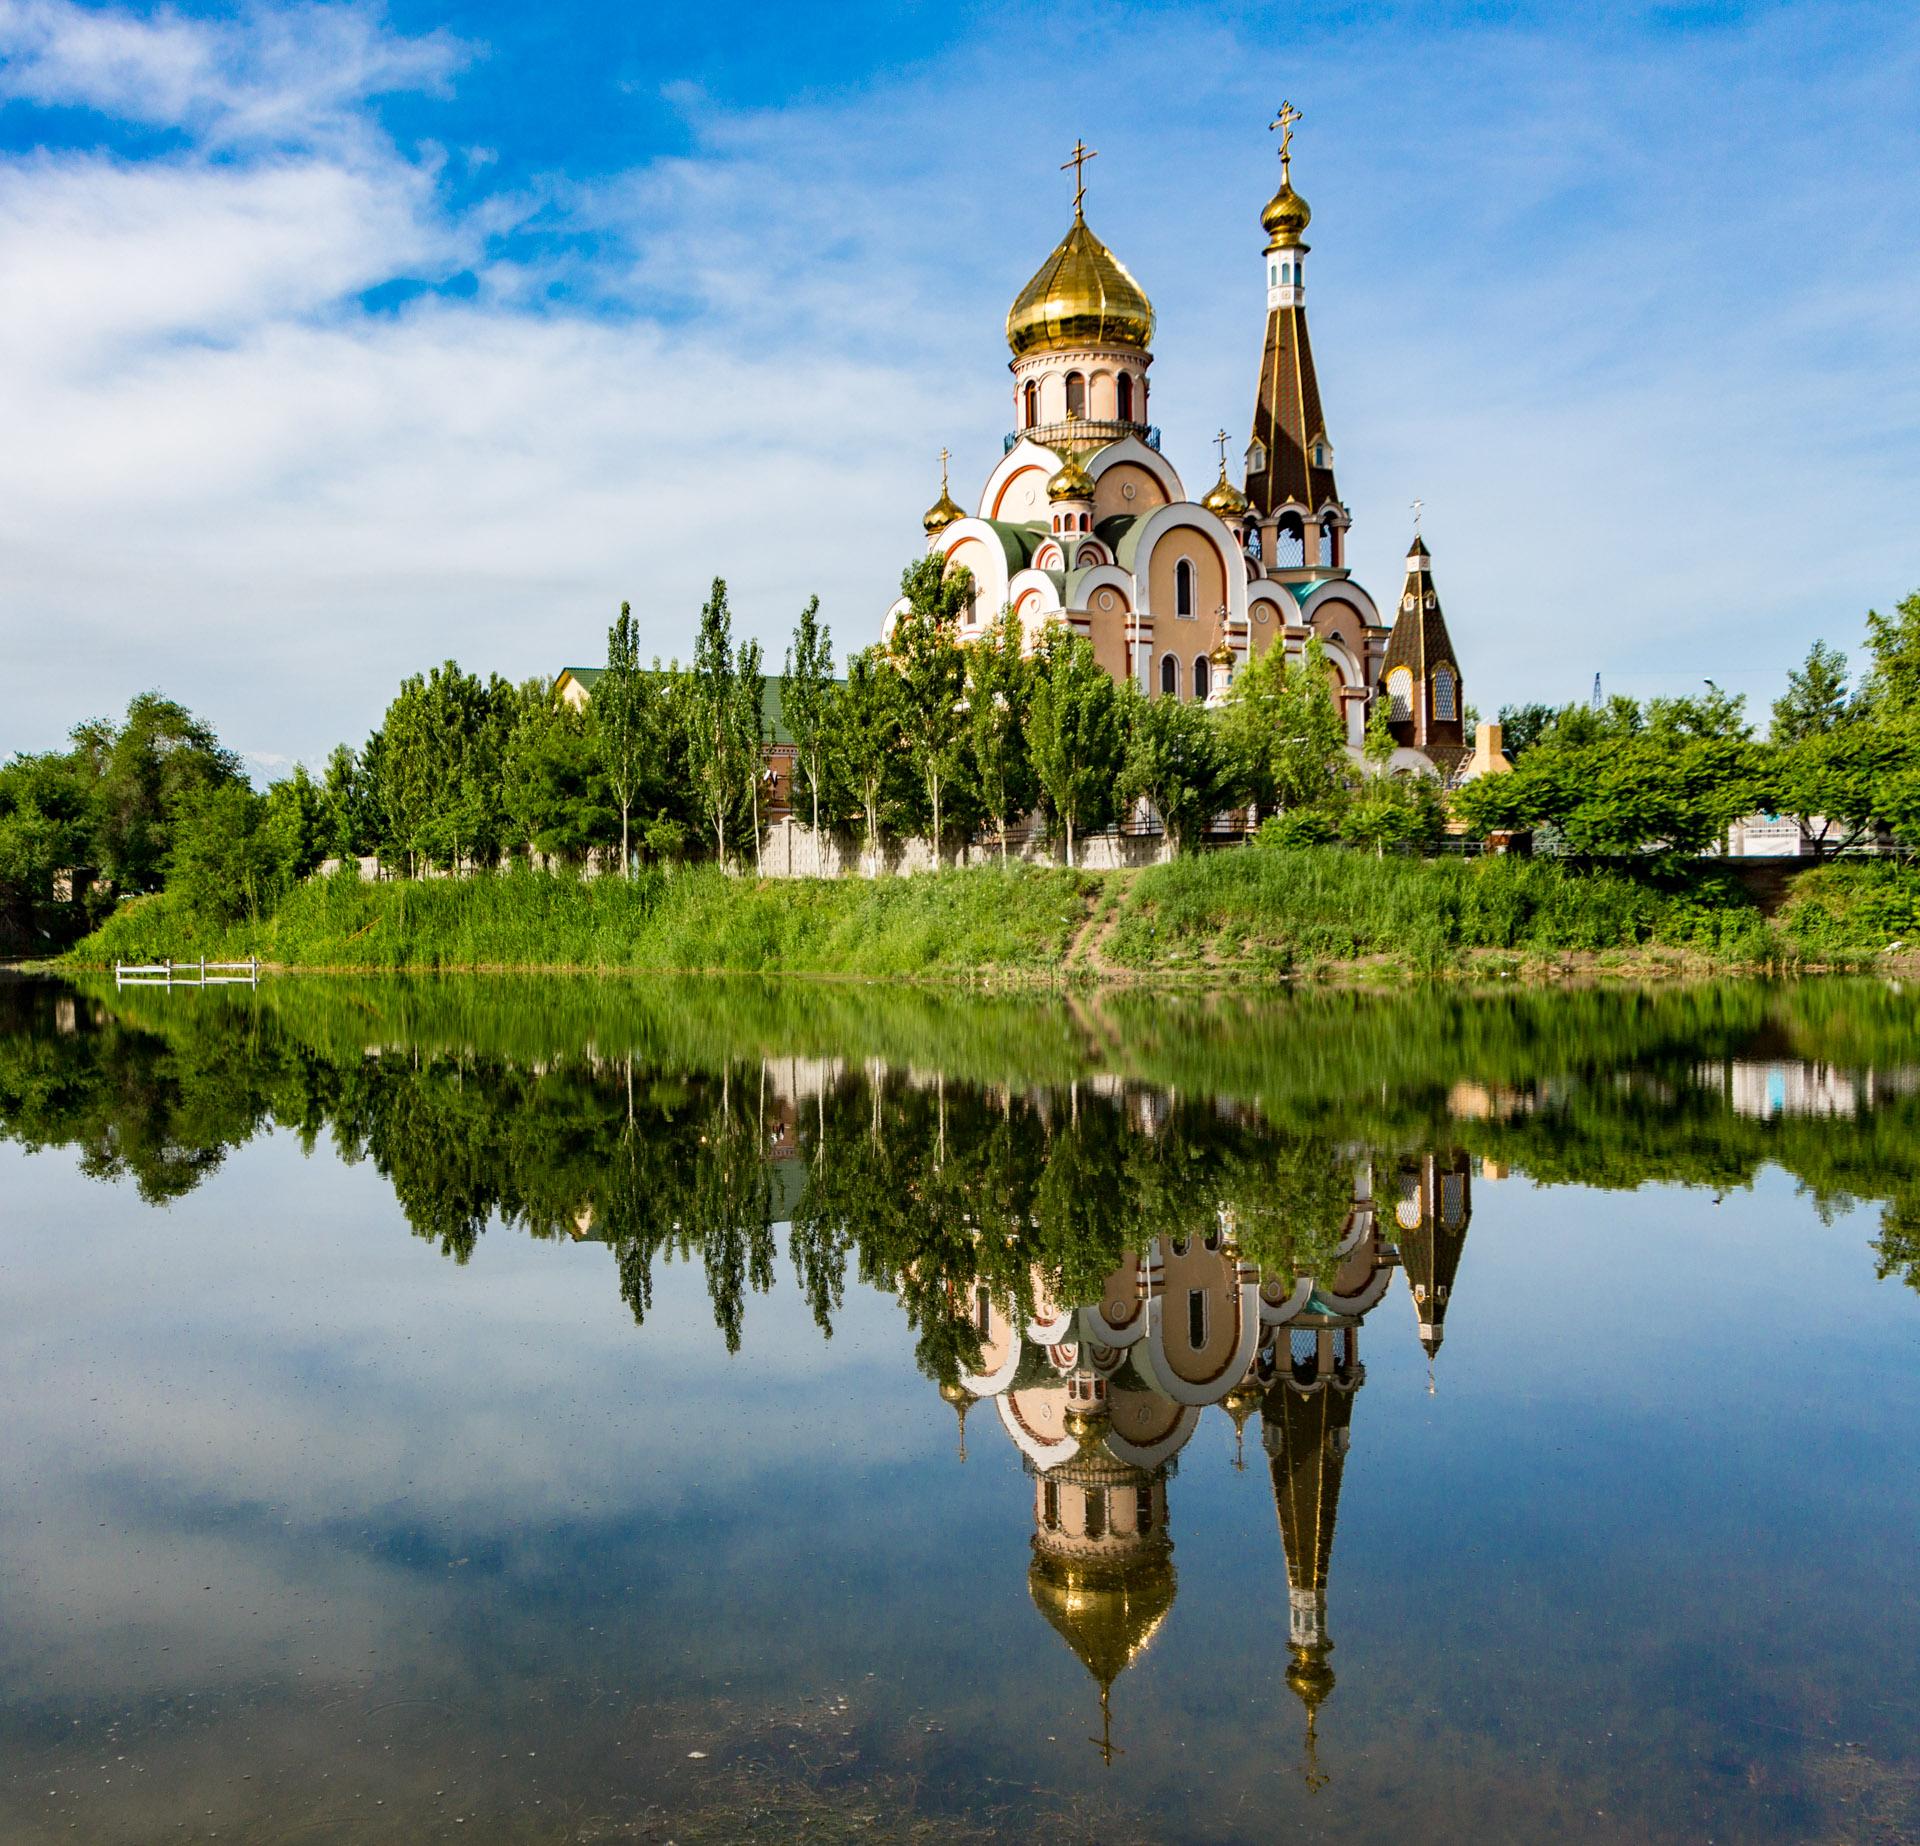 Almaty, Kazakhstan - quaint church